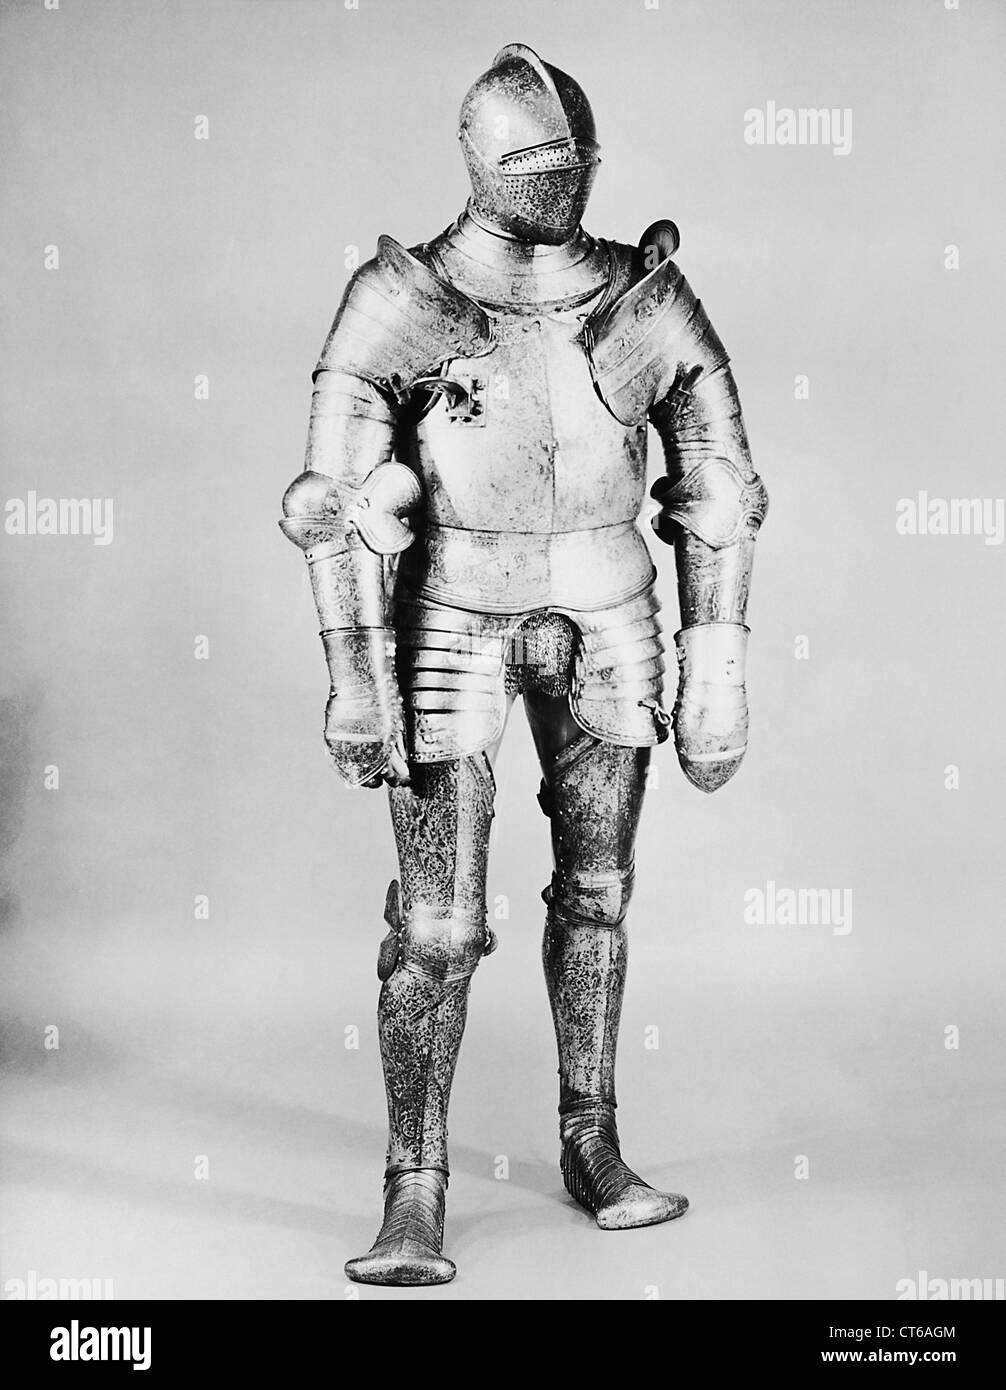 Tuta francese di armor, circa 1527 Immagini Stock